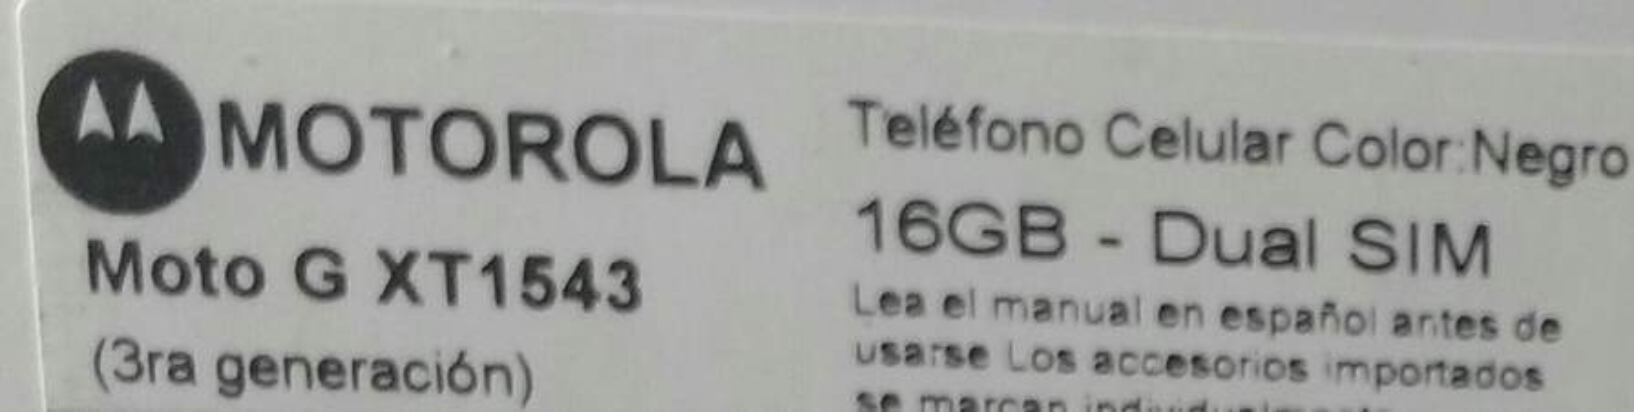 59322-micDt.jpg